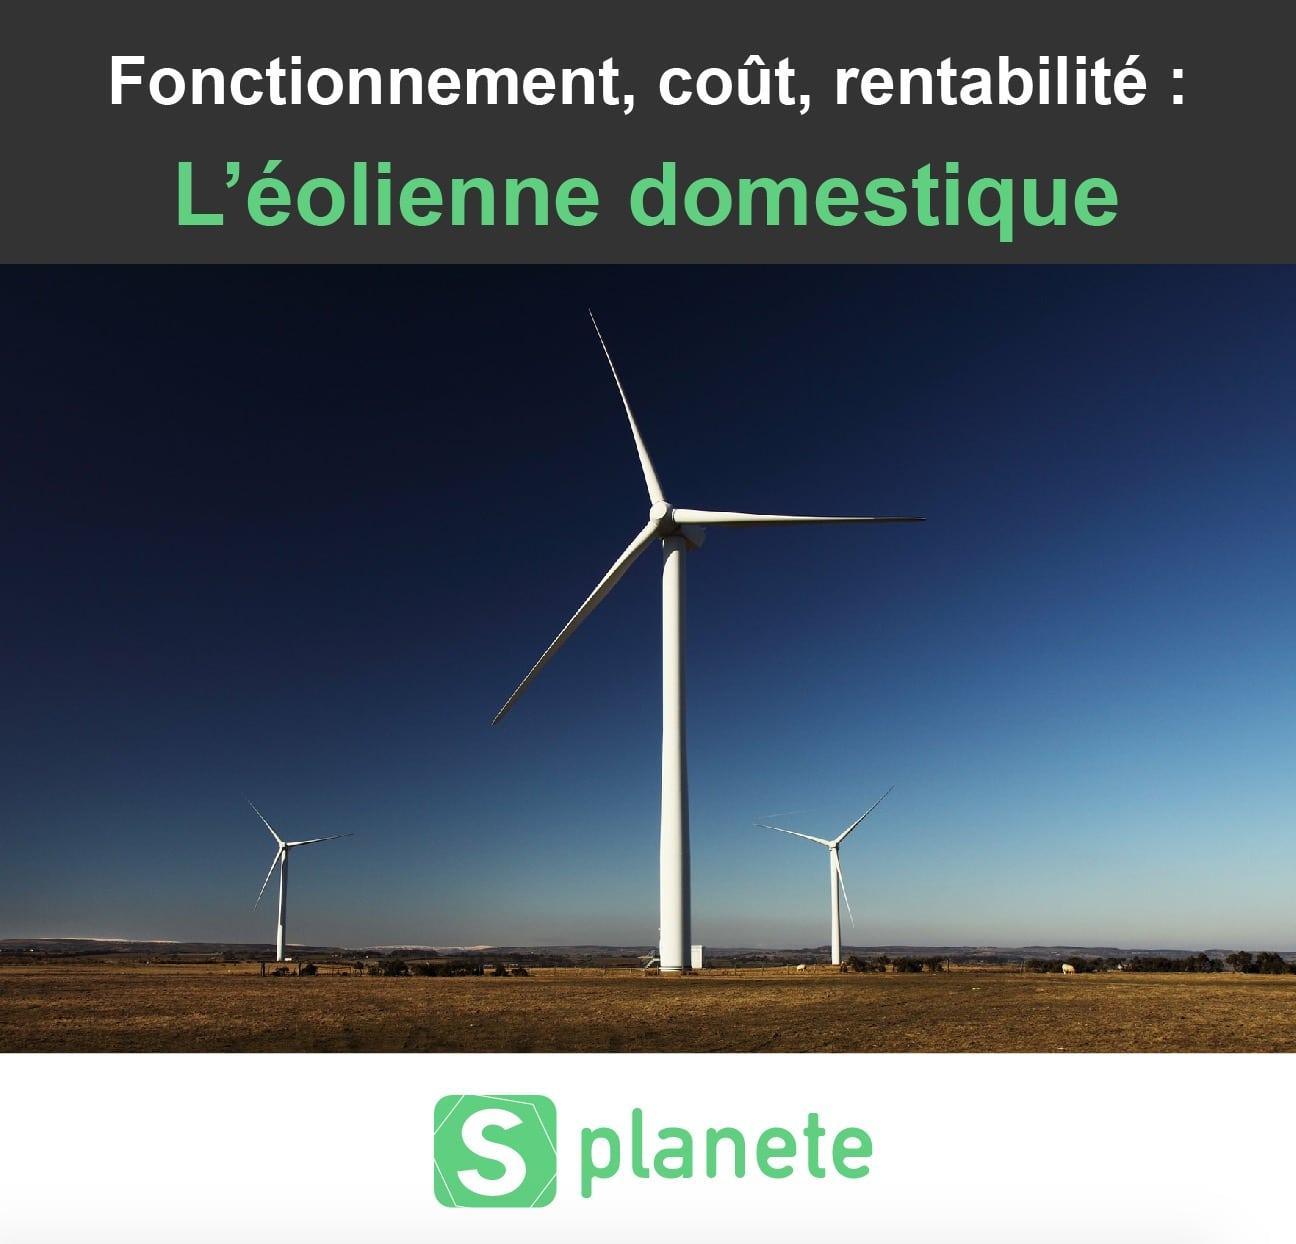 l'éolienne domestique